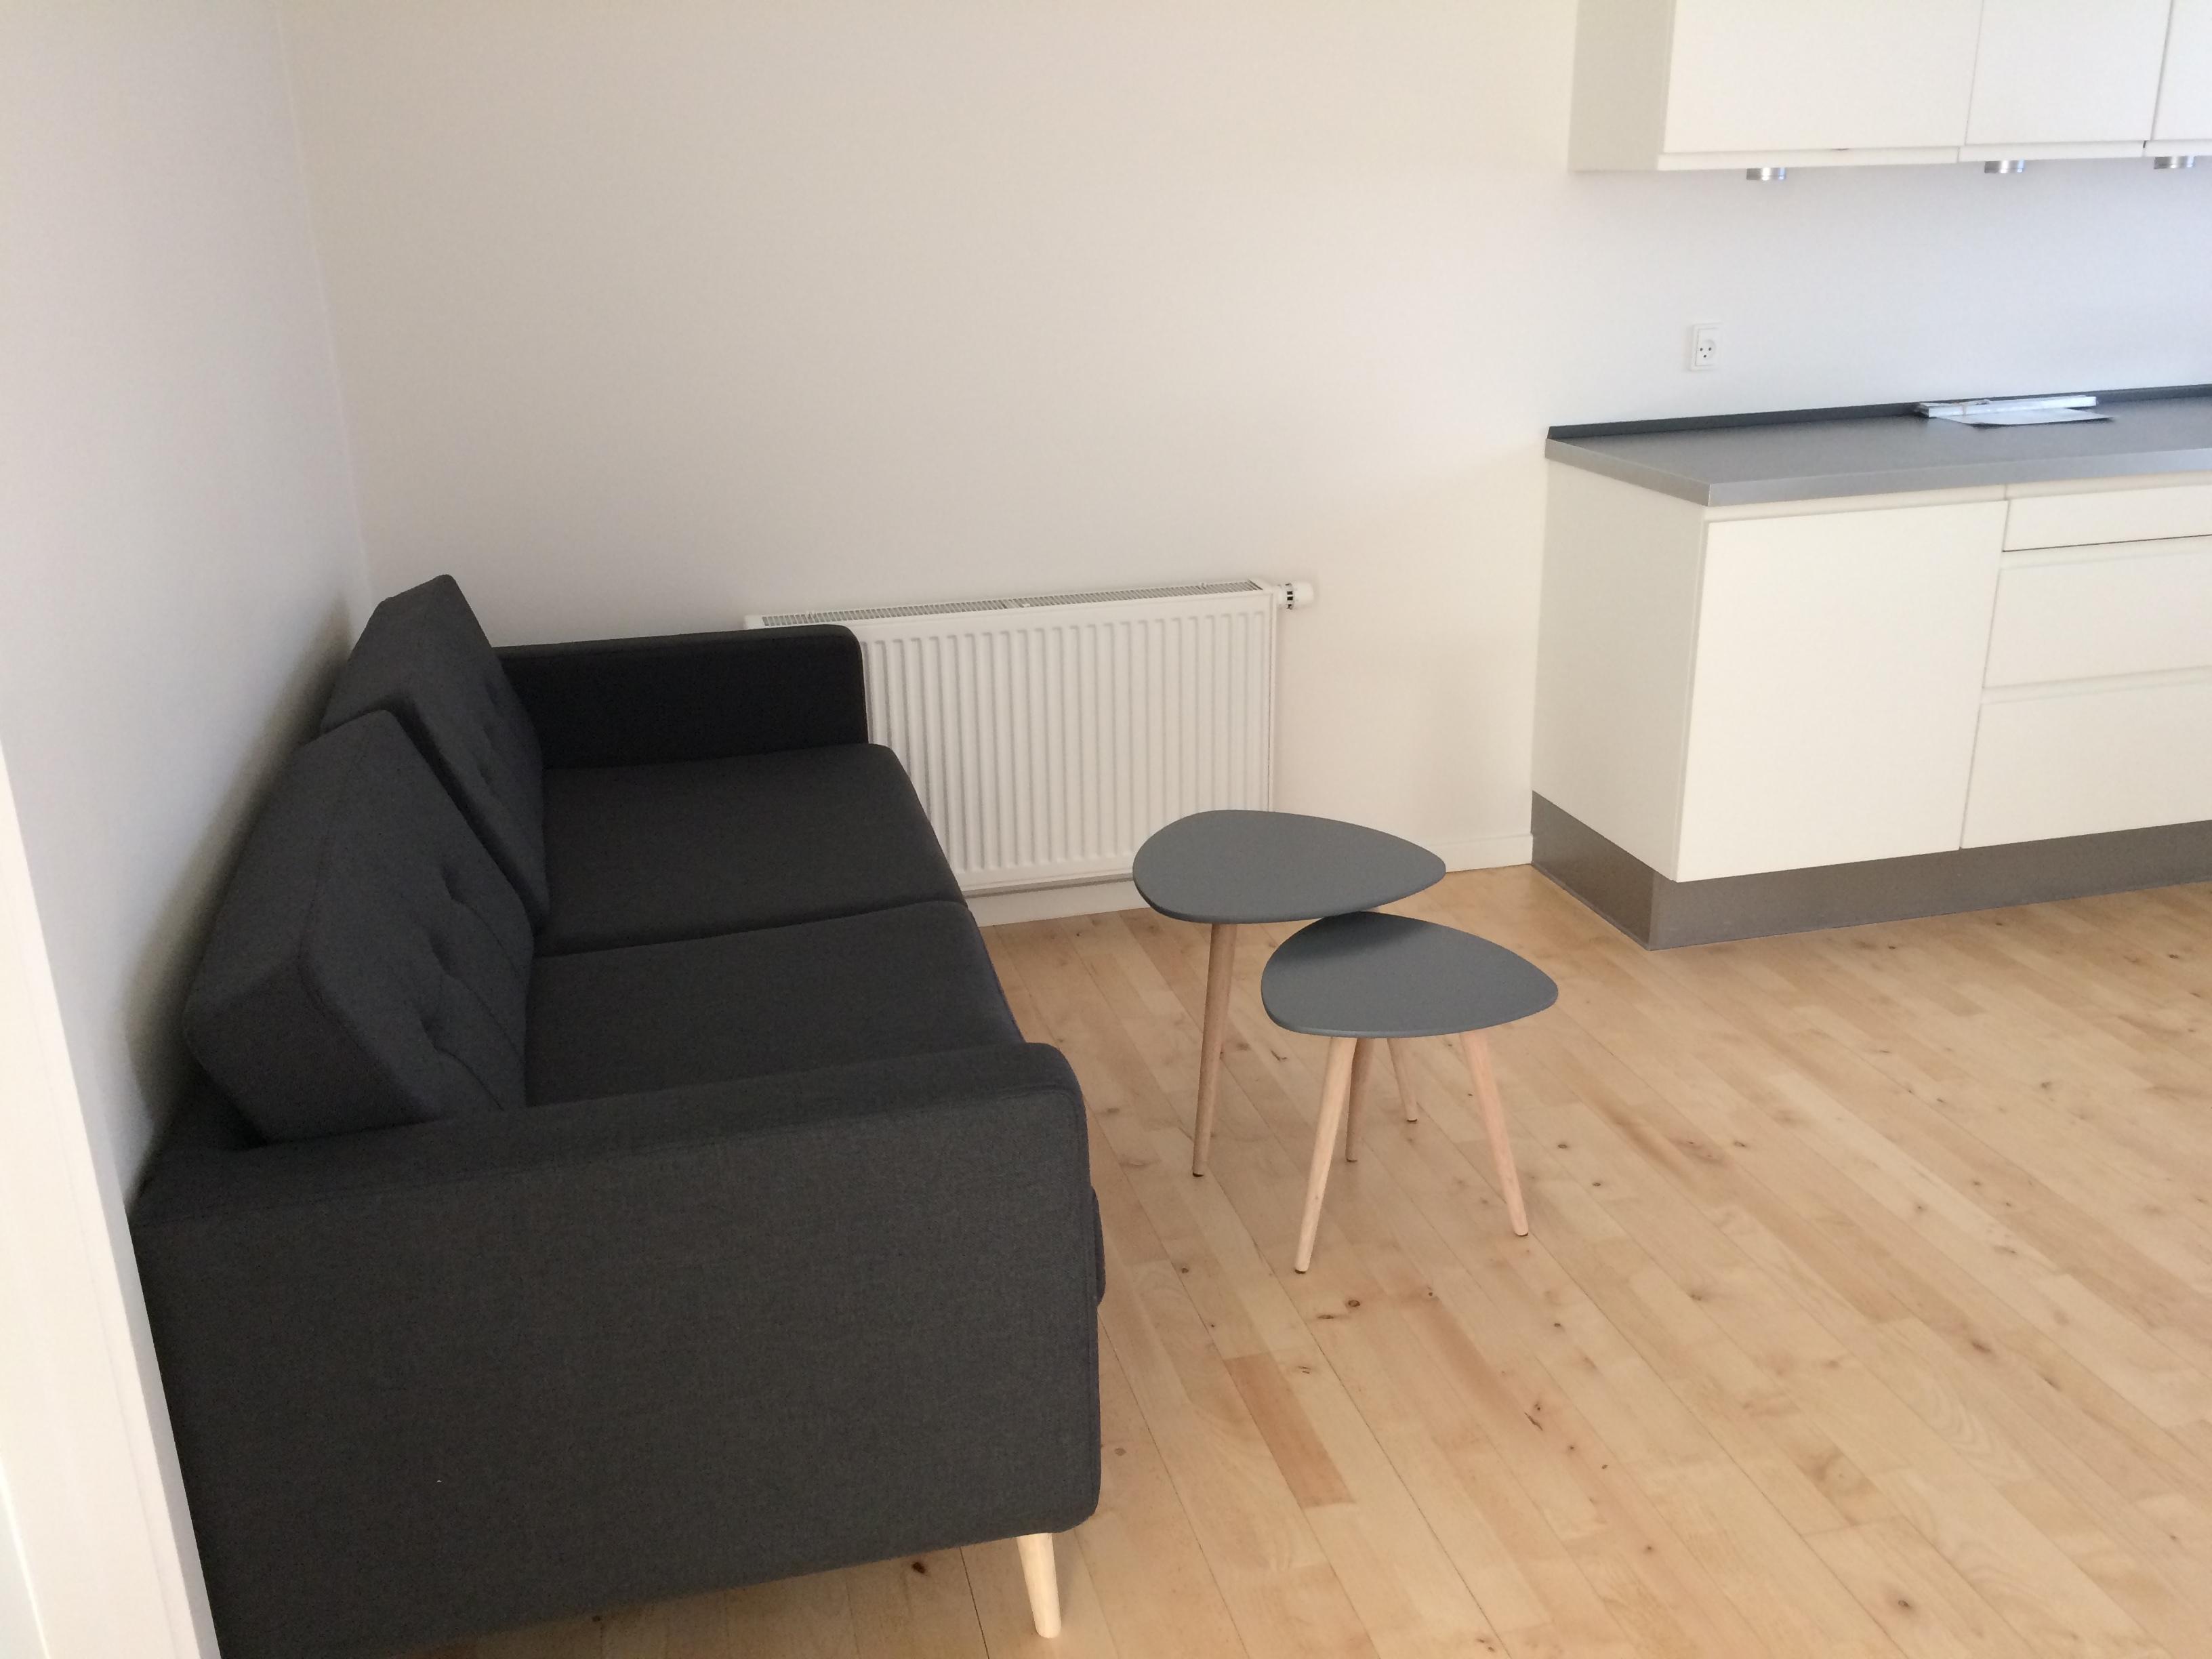 Sød roomie søges til 3 værelses i Århus N